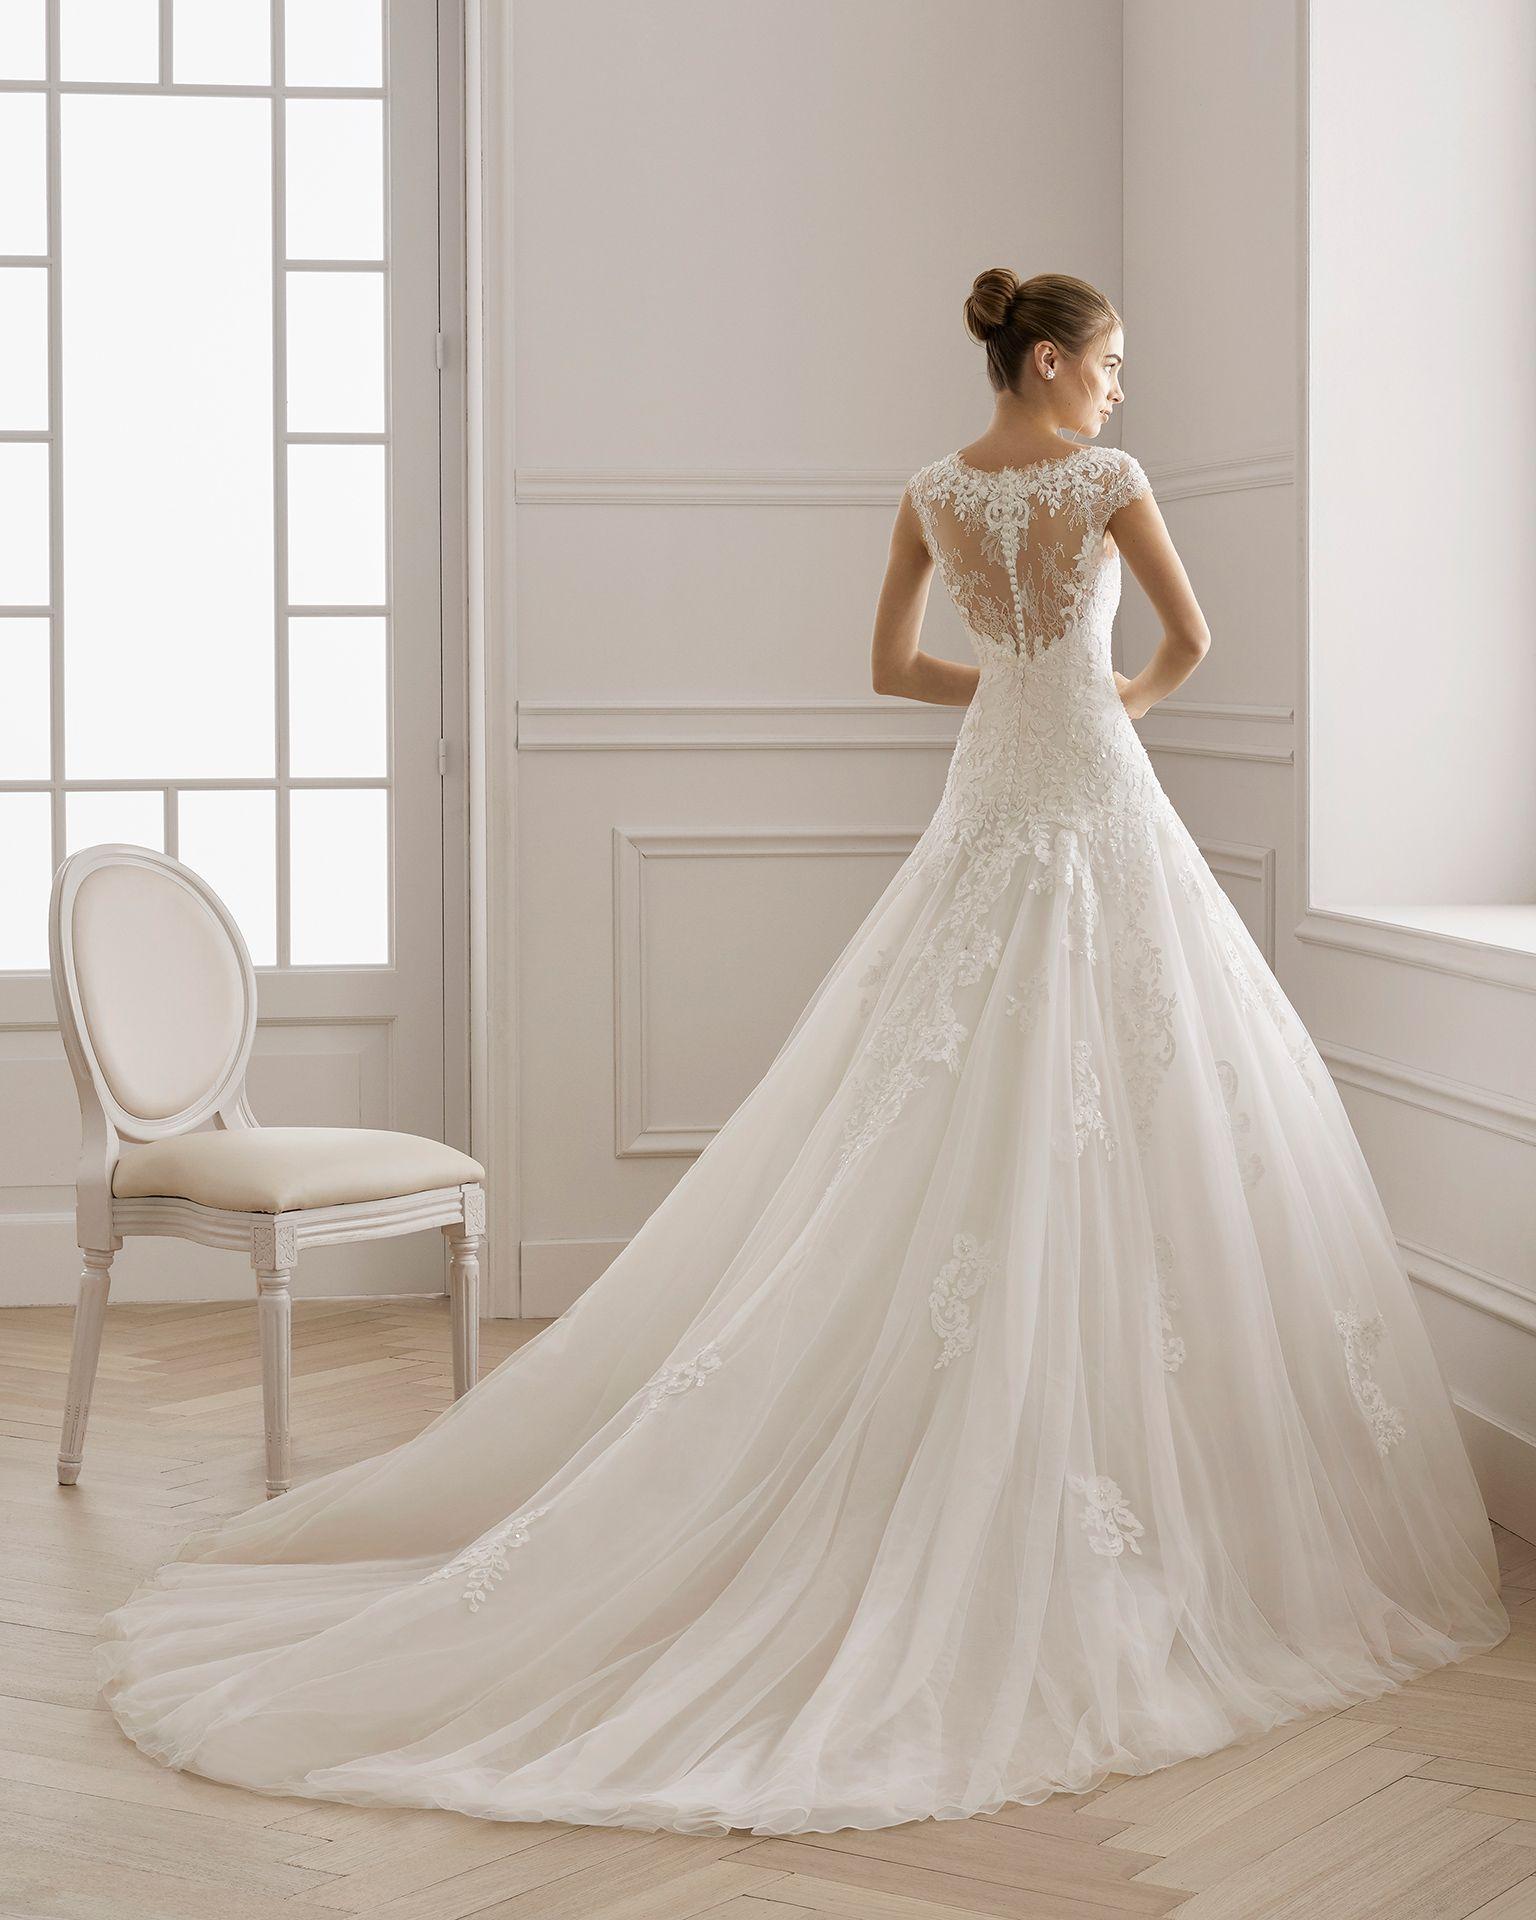 6a1f4c11 Vestido de novia estilo romántico de encaje pedrería y tul. Escote V y  espalda de